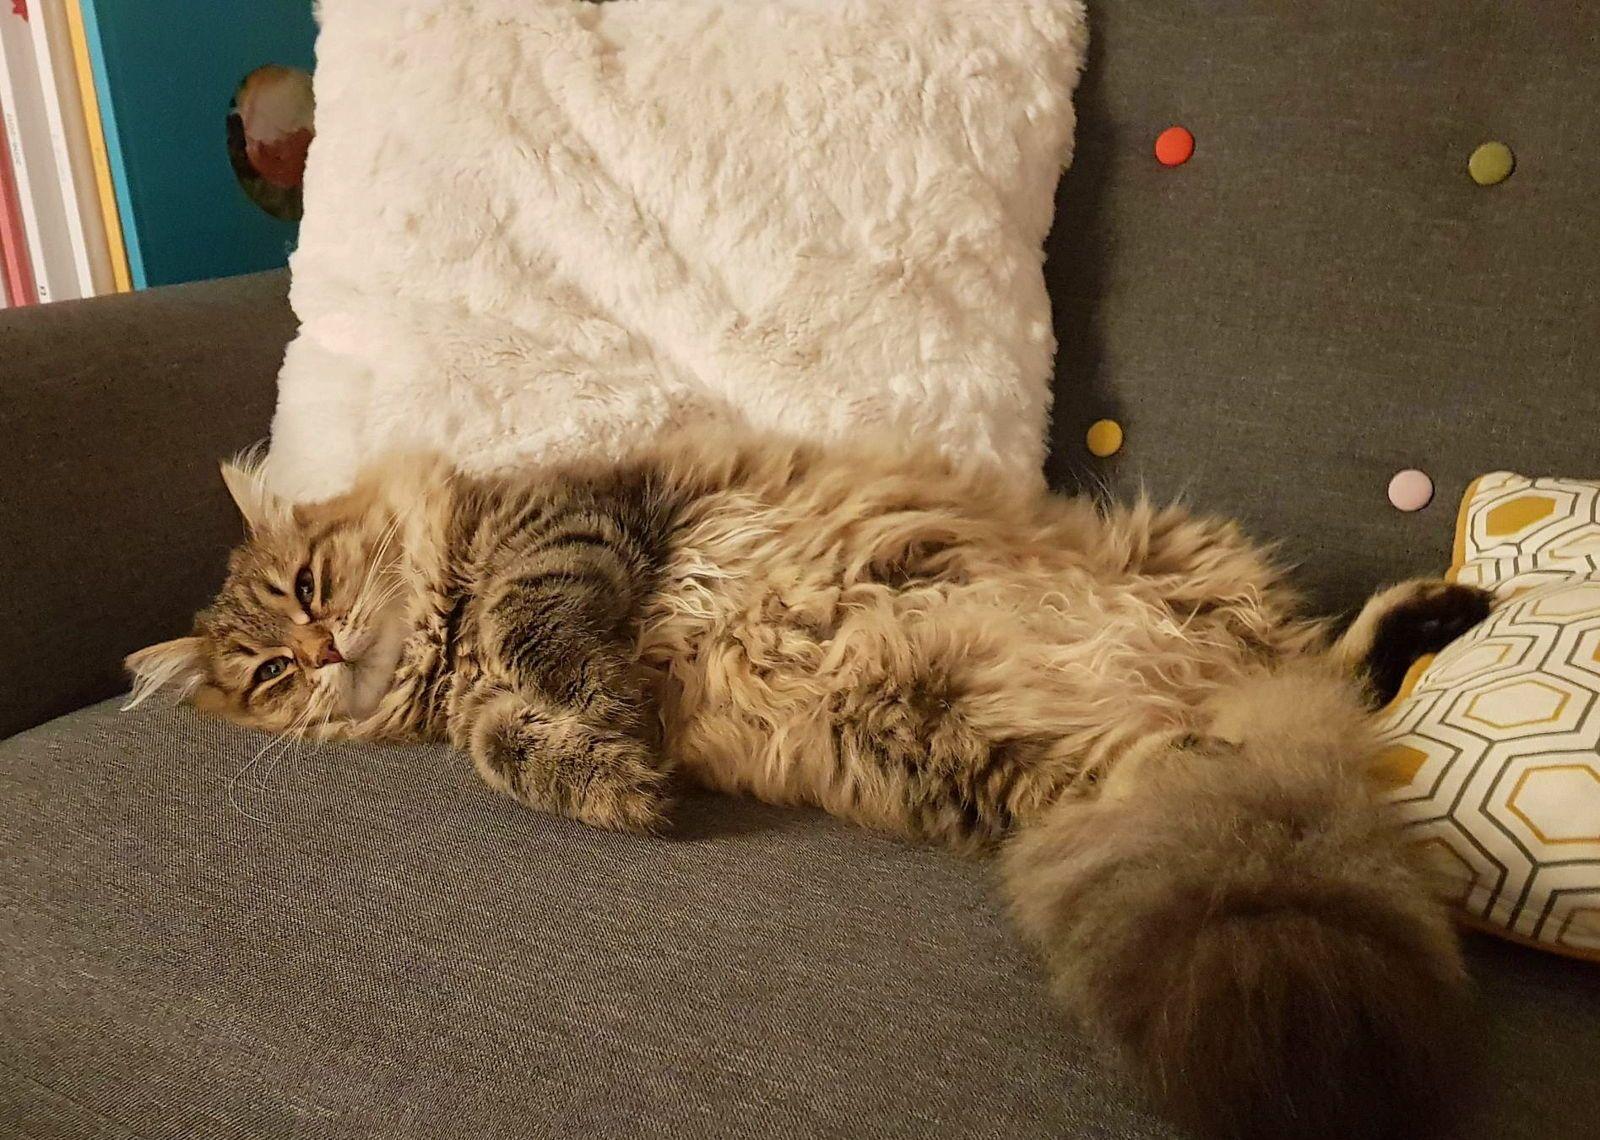 Prête appartement Rueil contre garde de chat- août 2021